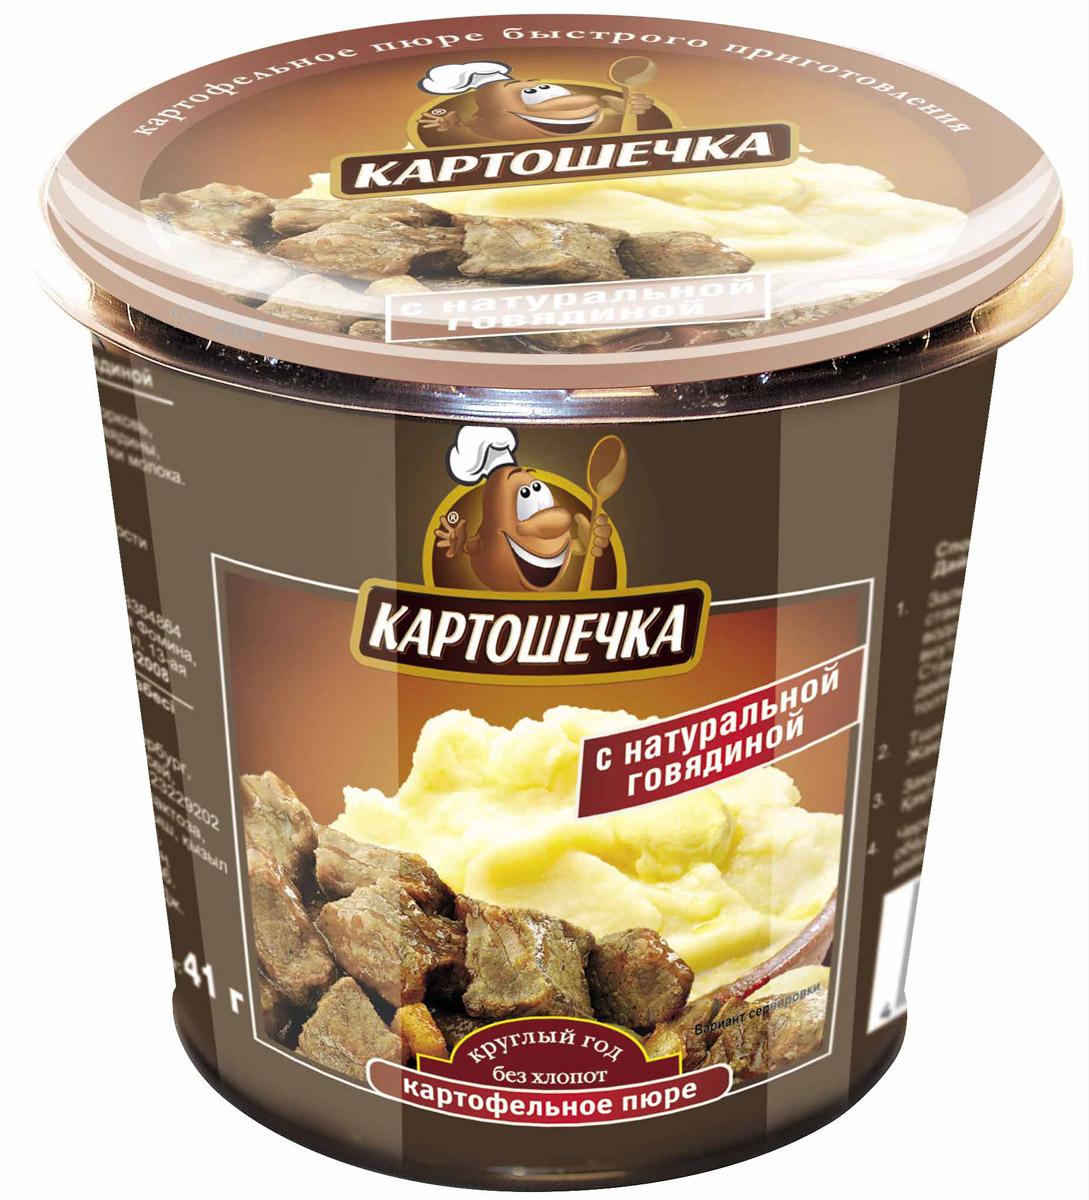 Картошечка Пюре картофельное с говядиной, 41 г00000040968Обед моментального приготовления с натуральной говядиной в порционном стакане.